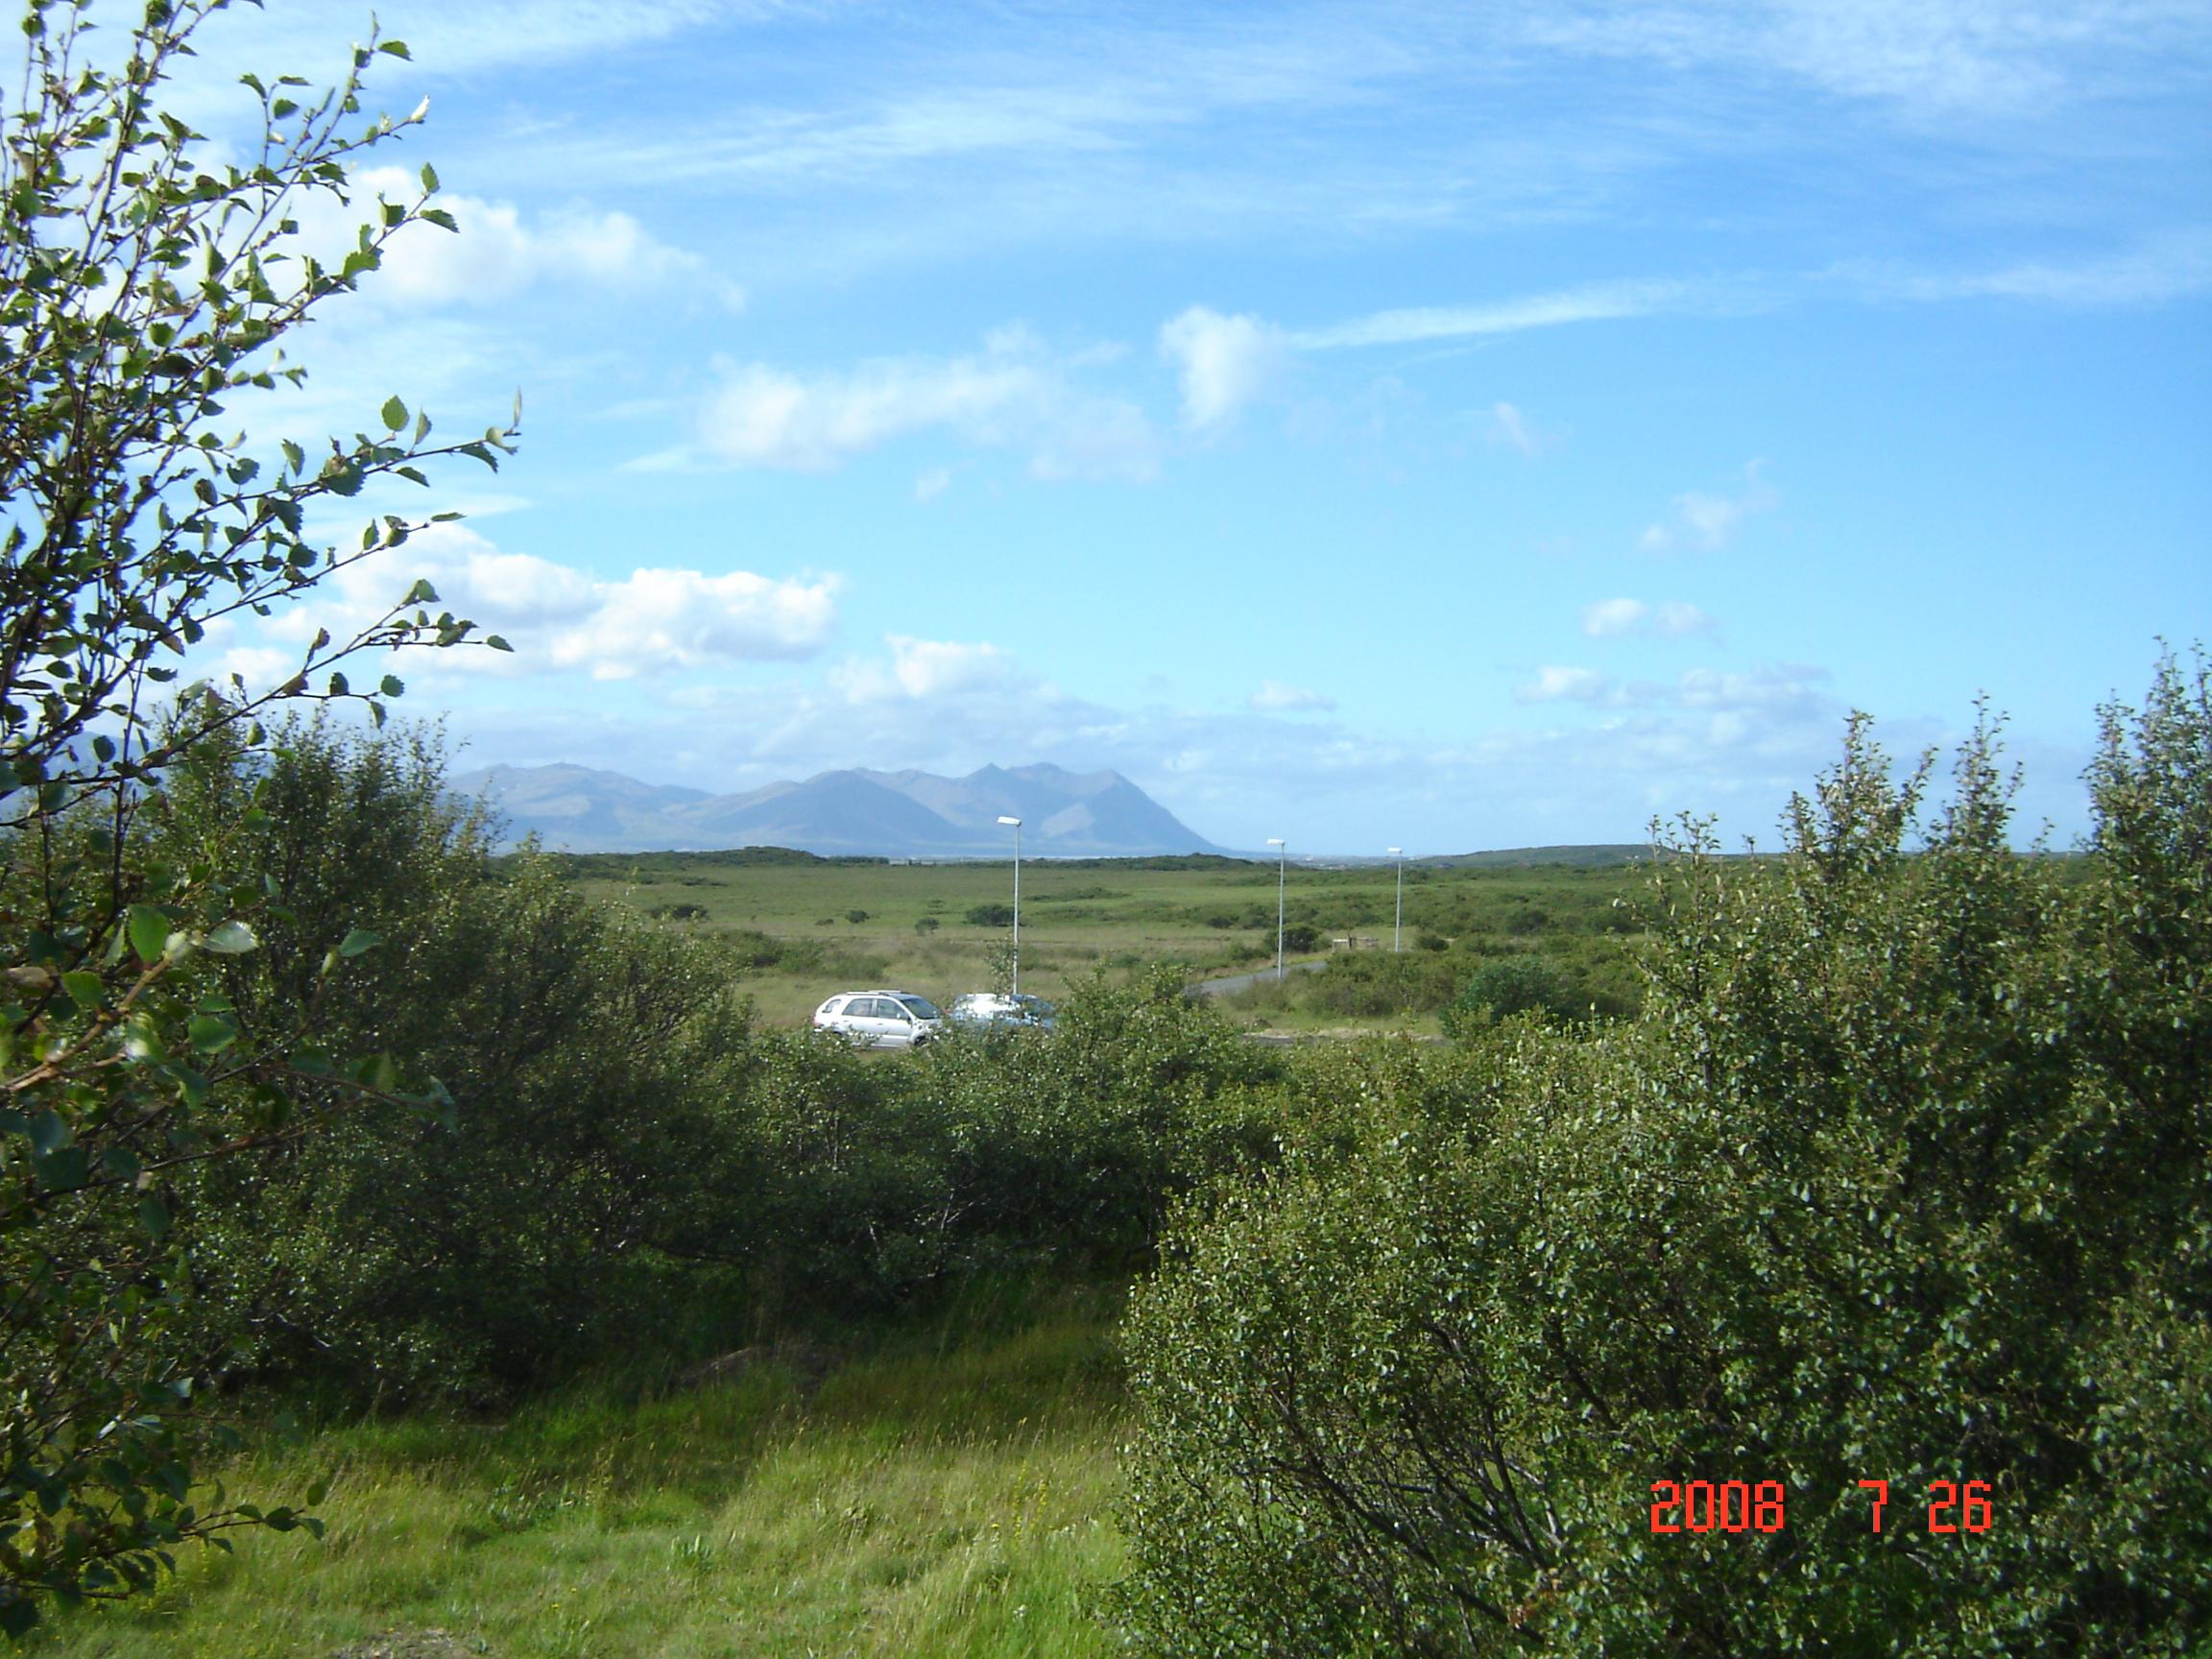 Þorgerður Helga Árnadóttir - Hausmynd